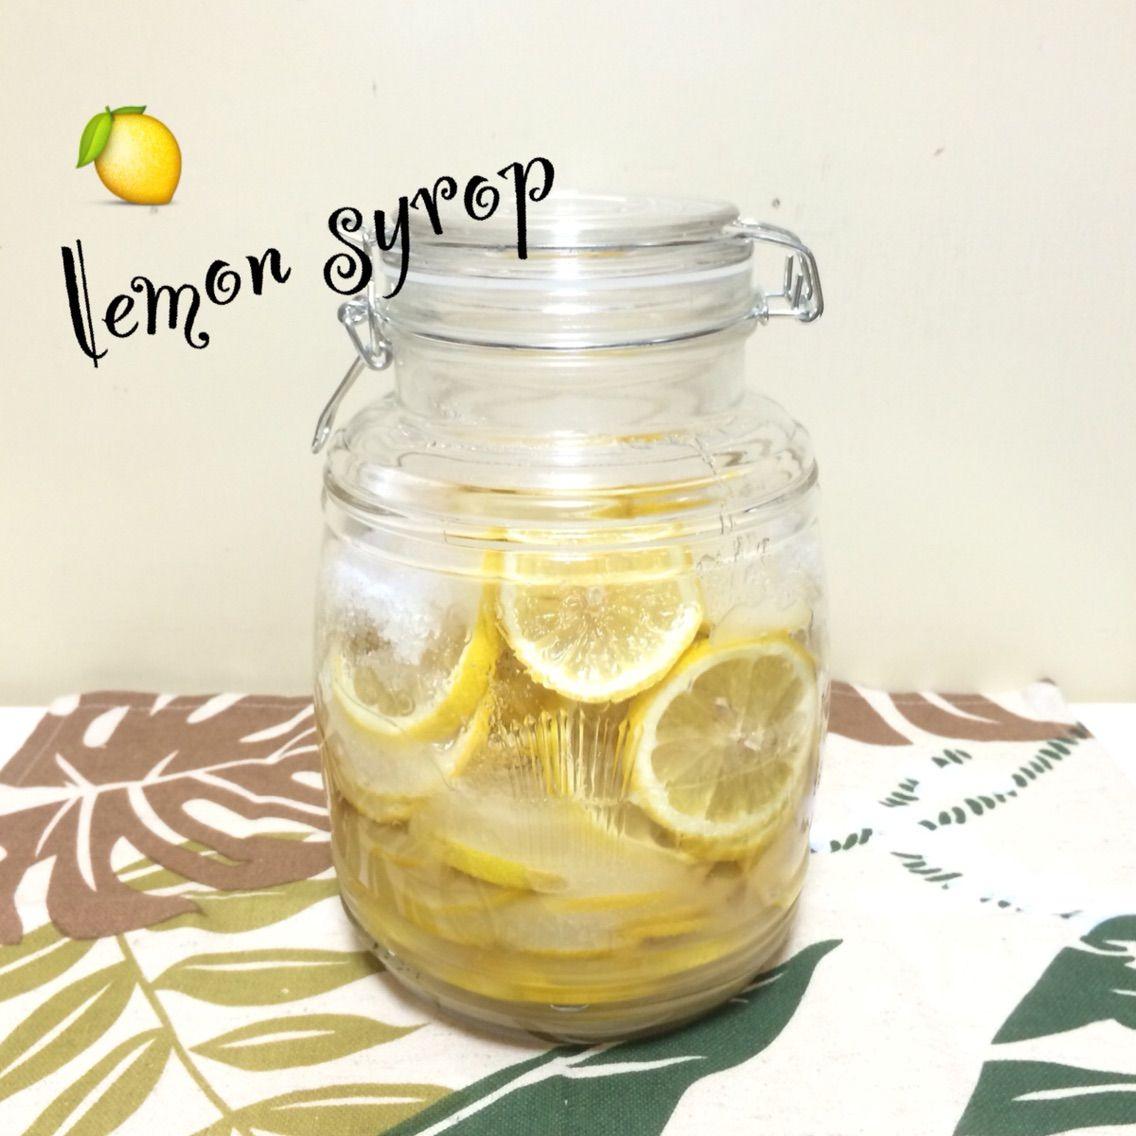 はちみつ レモン シロップ